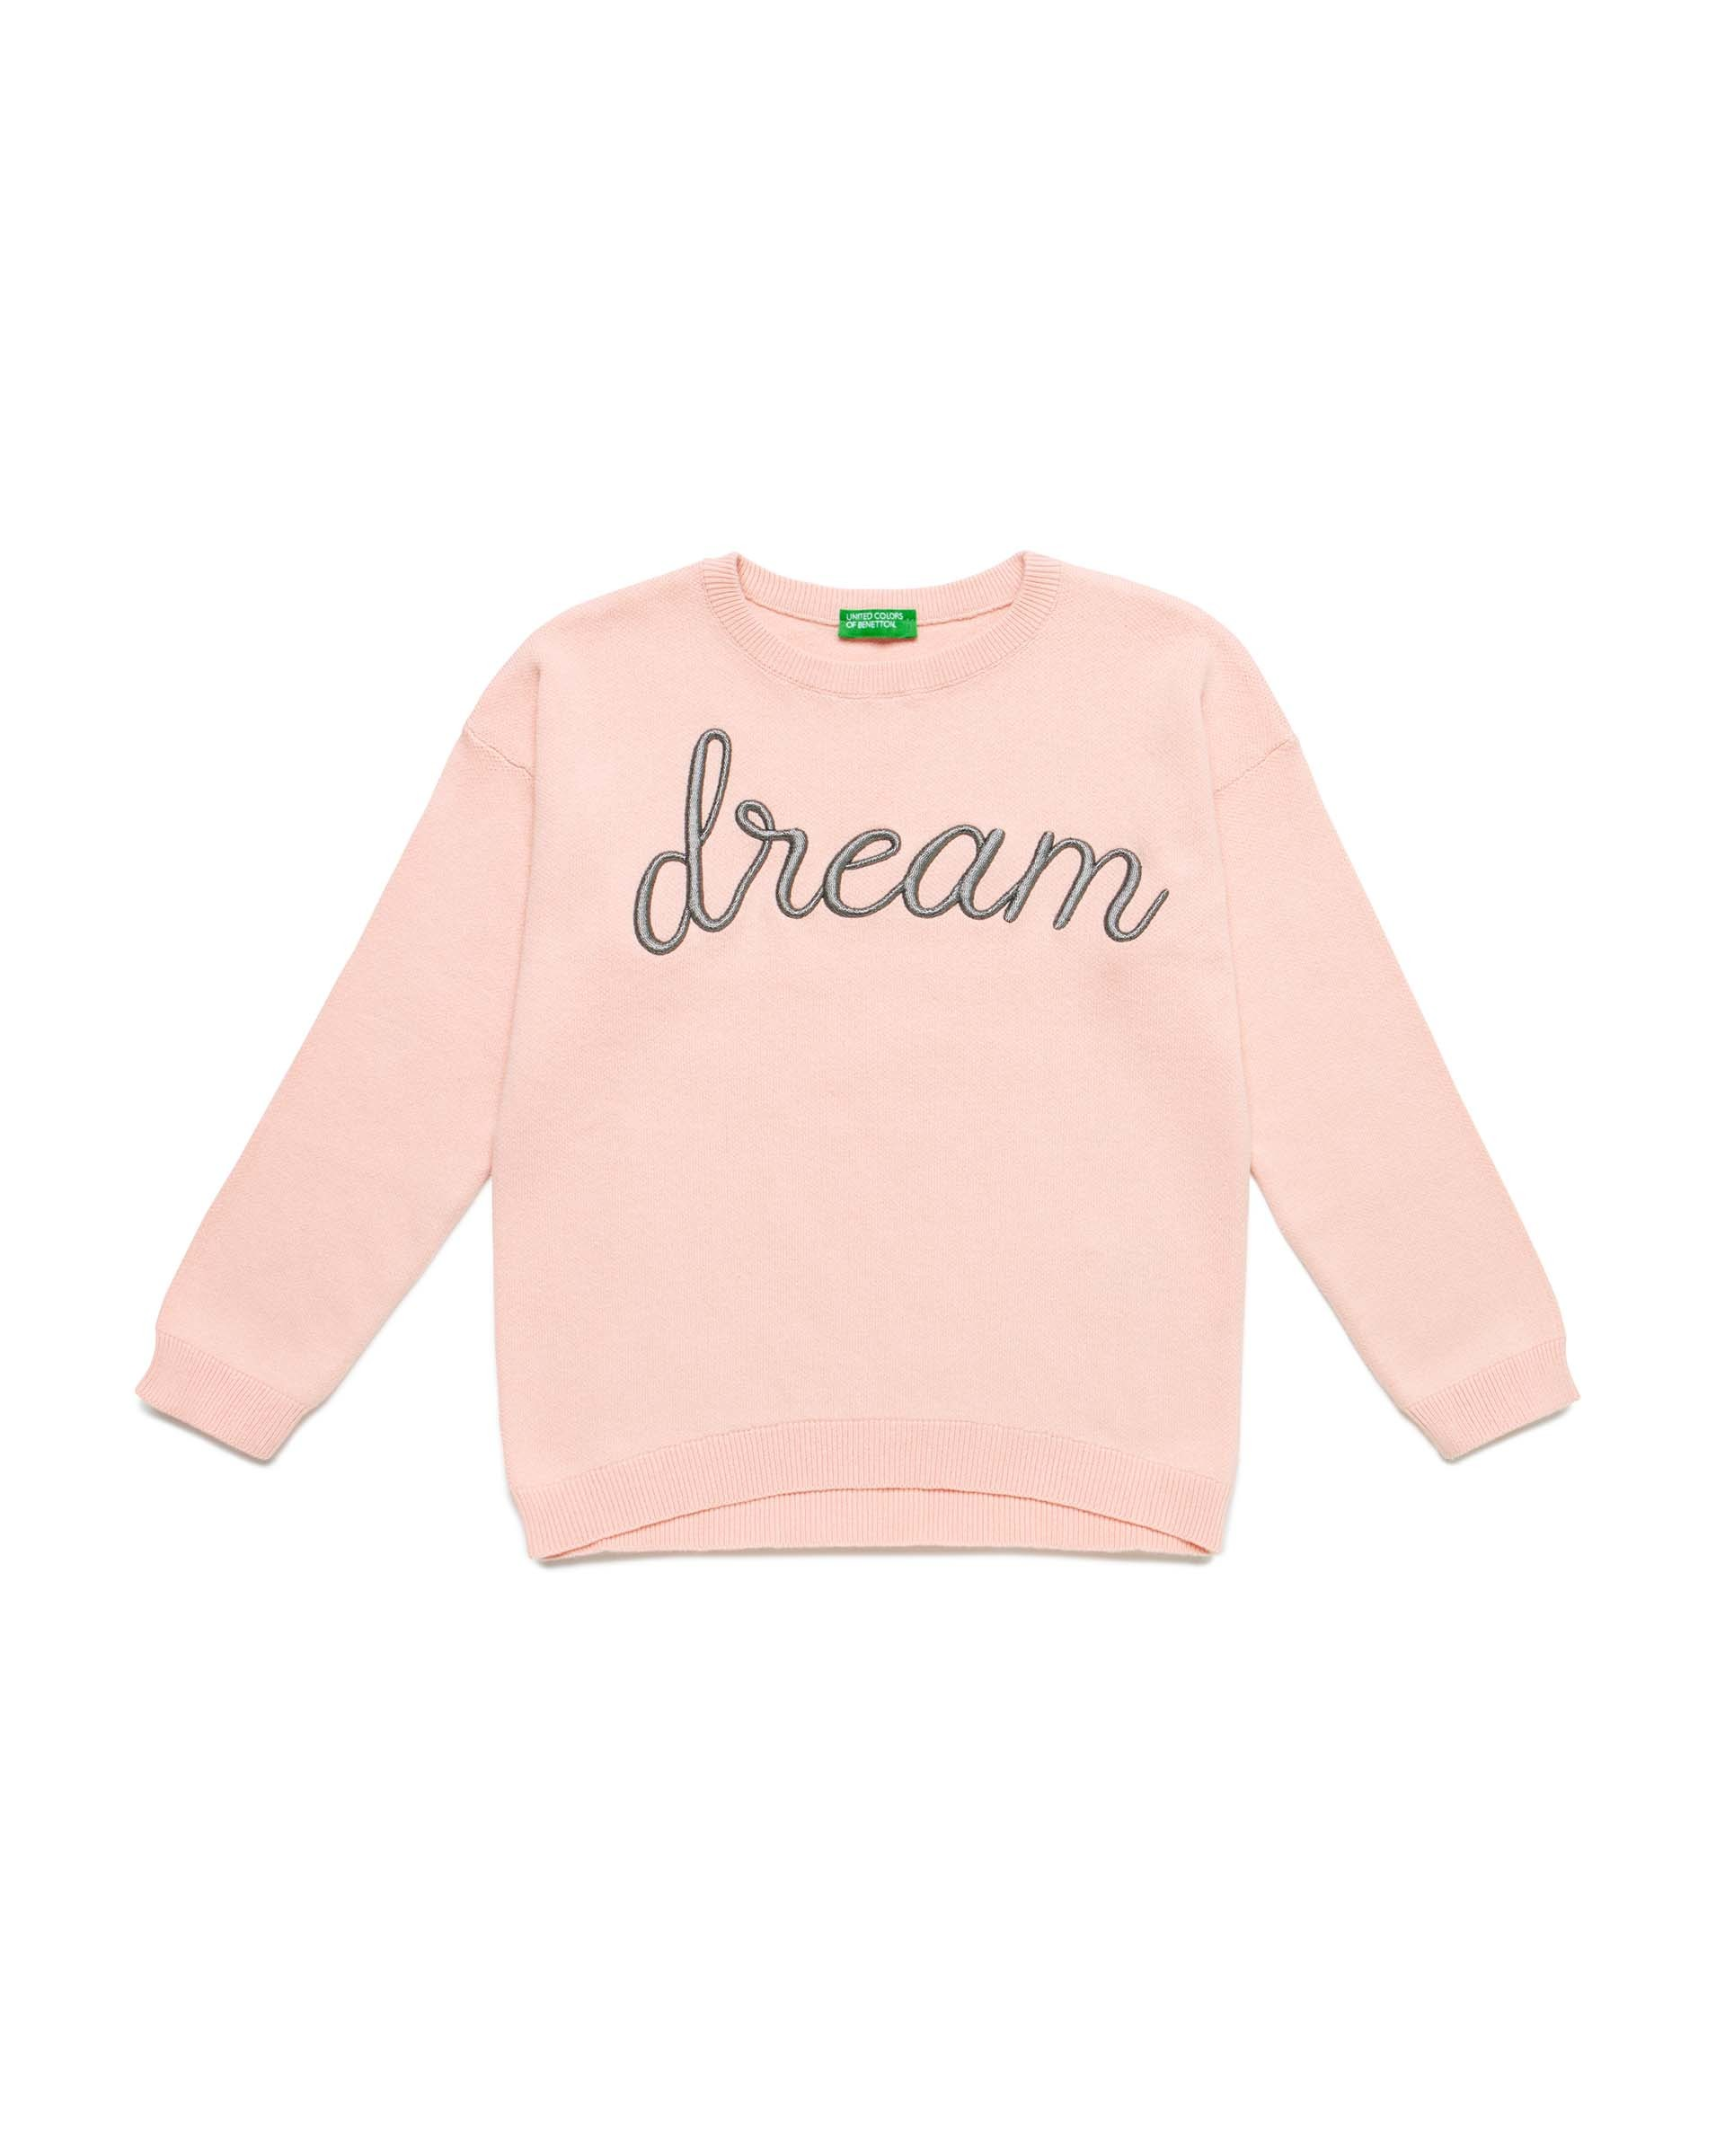 Купить 20P_10C1C1895_930, Джемпер для девочек Benetton 10C1C1895_930 р-р 110, United Colors of Benetton, Джемперы для девочек